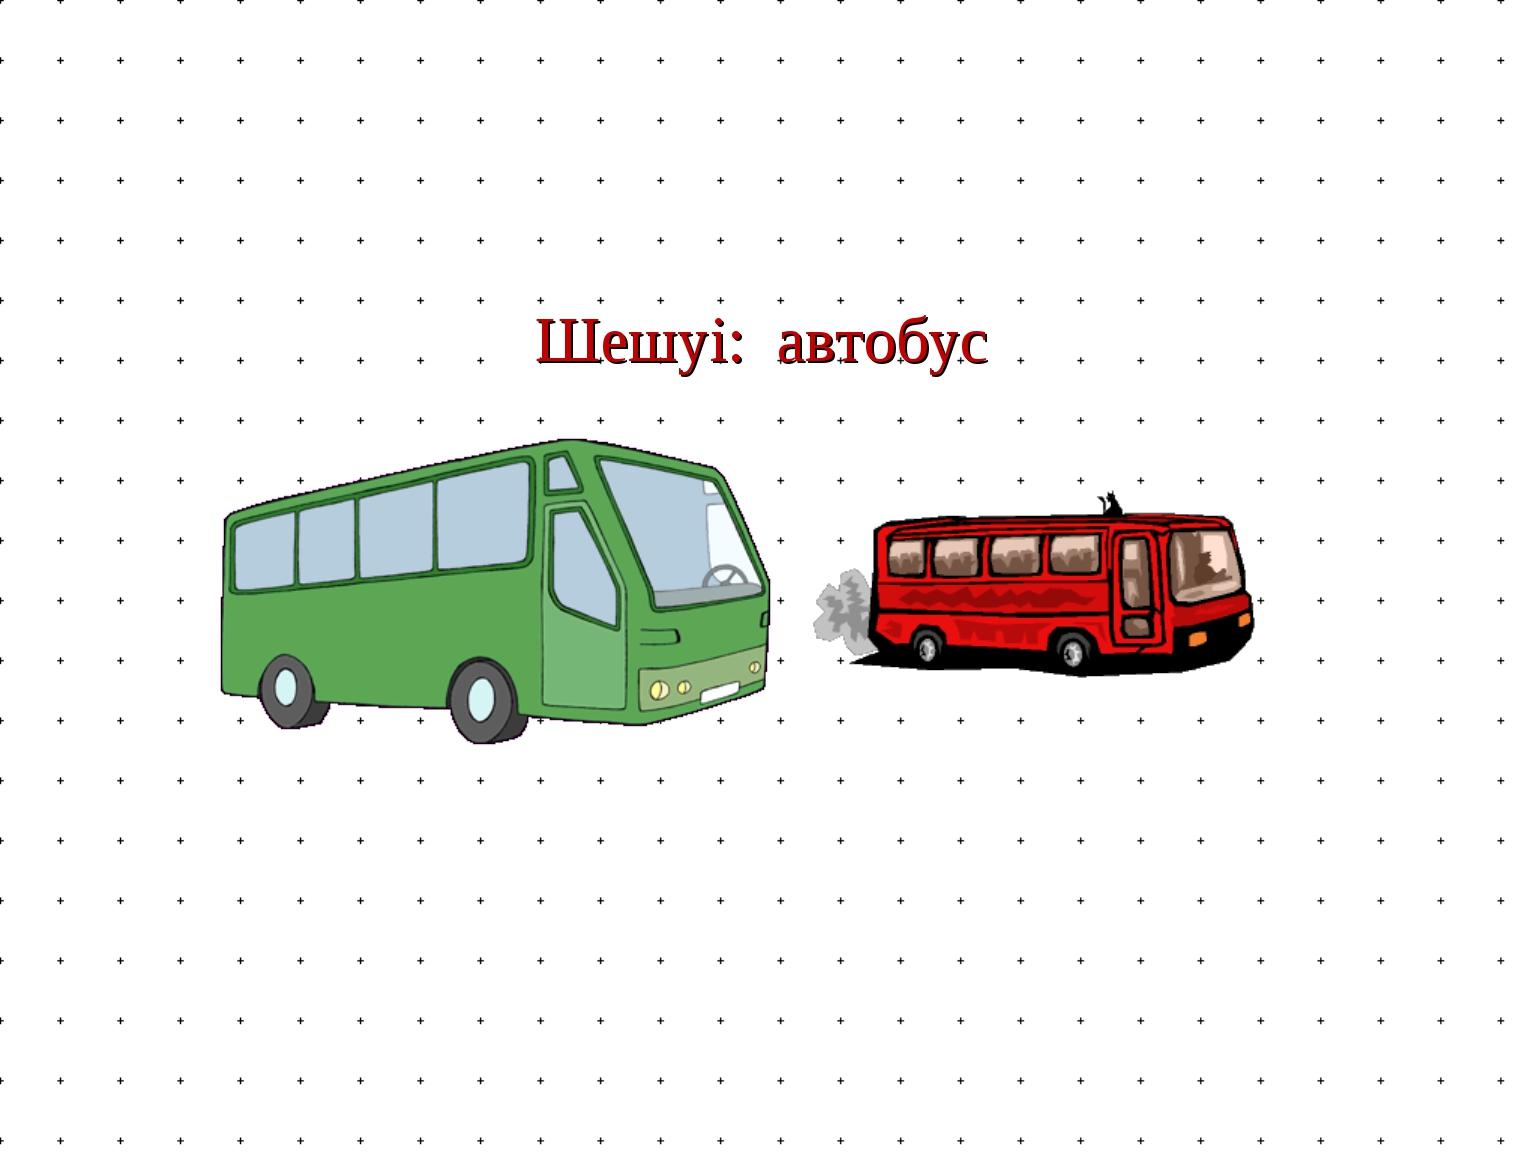 Шешуі: автобус